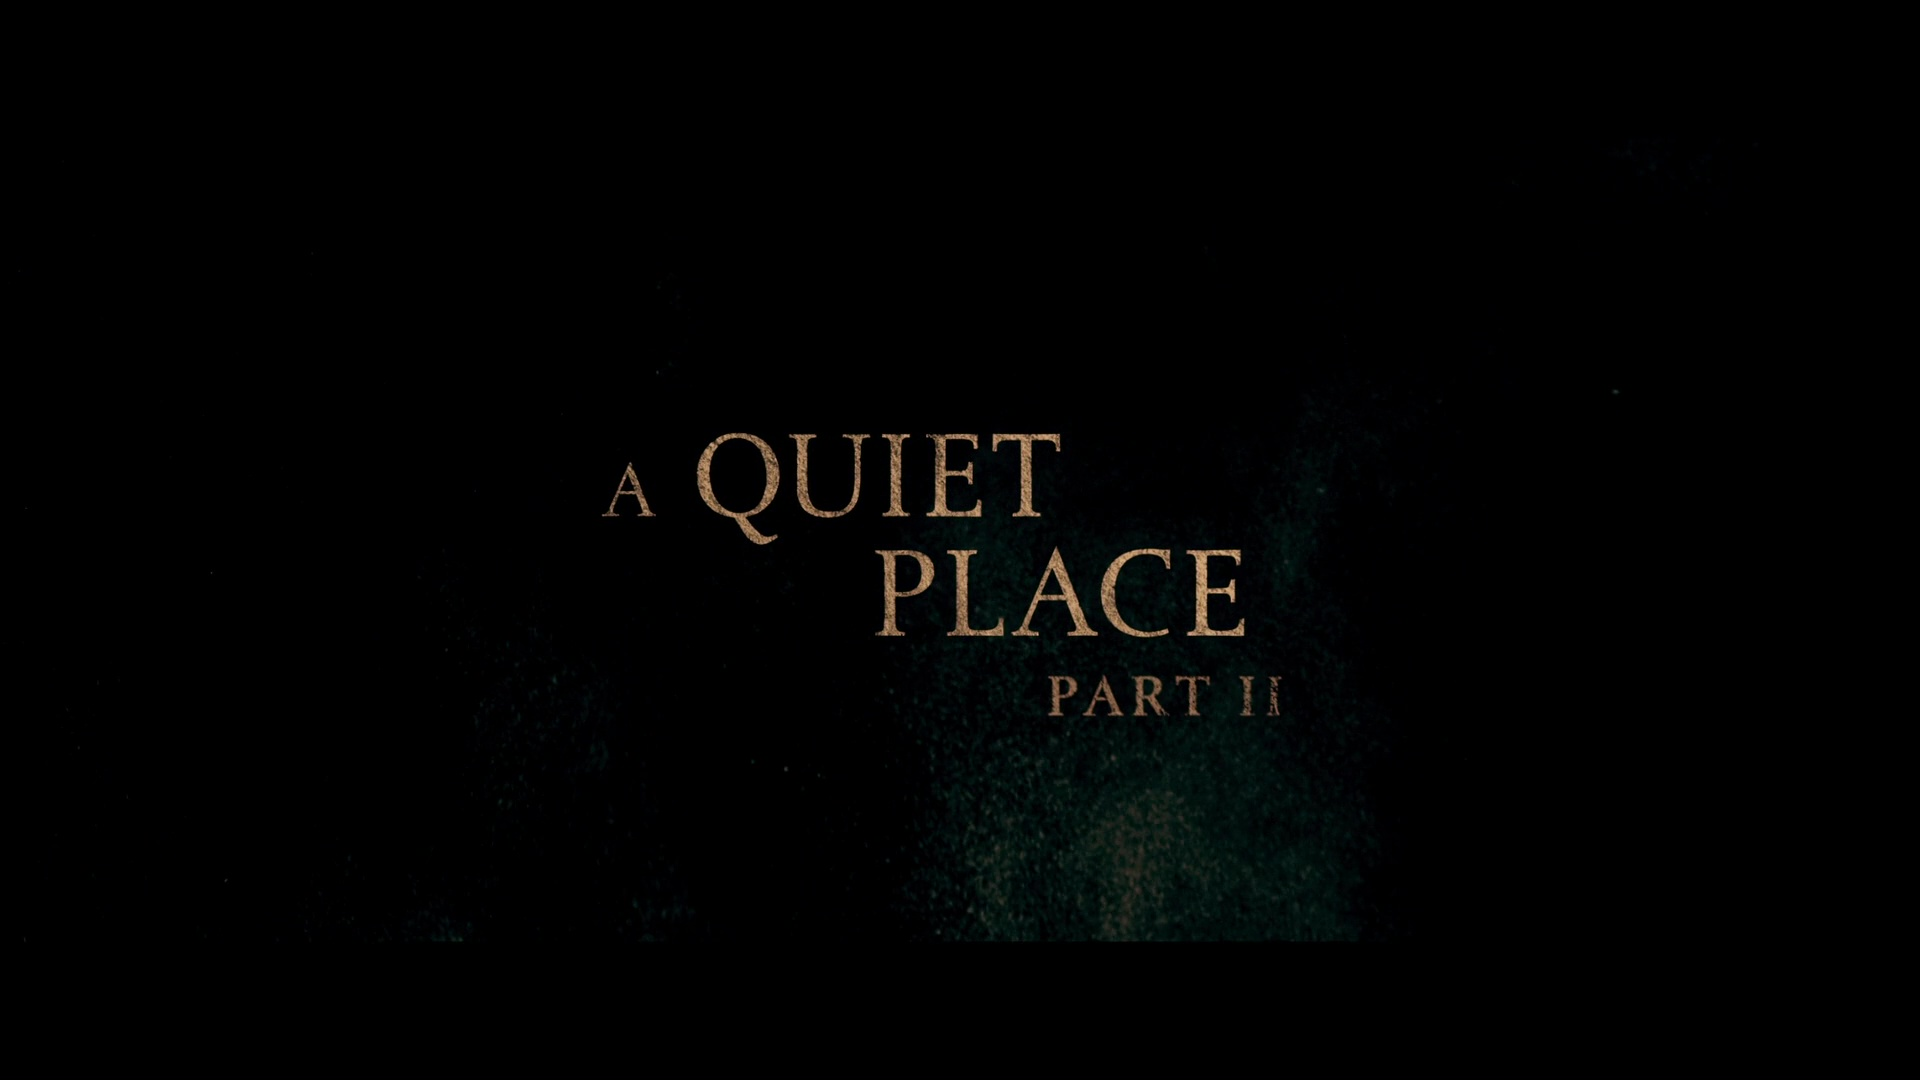 Un lugar en silencio: Parte II (2021) 1080p BDrip Latino